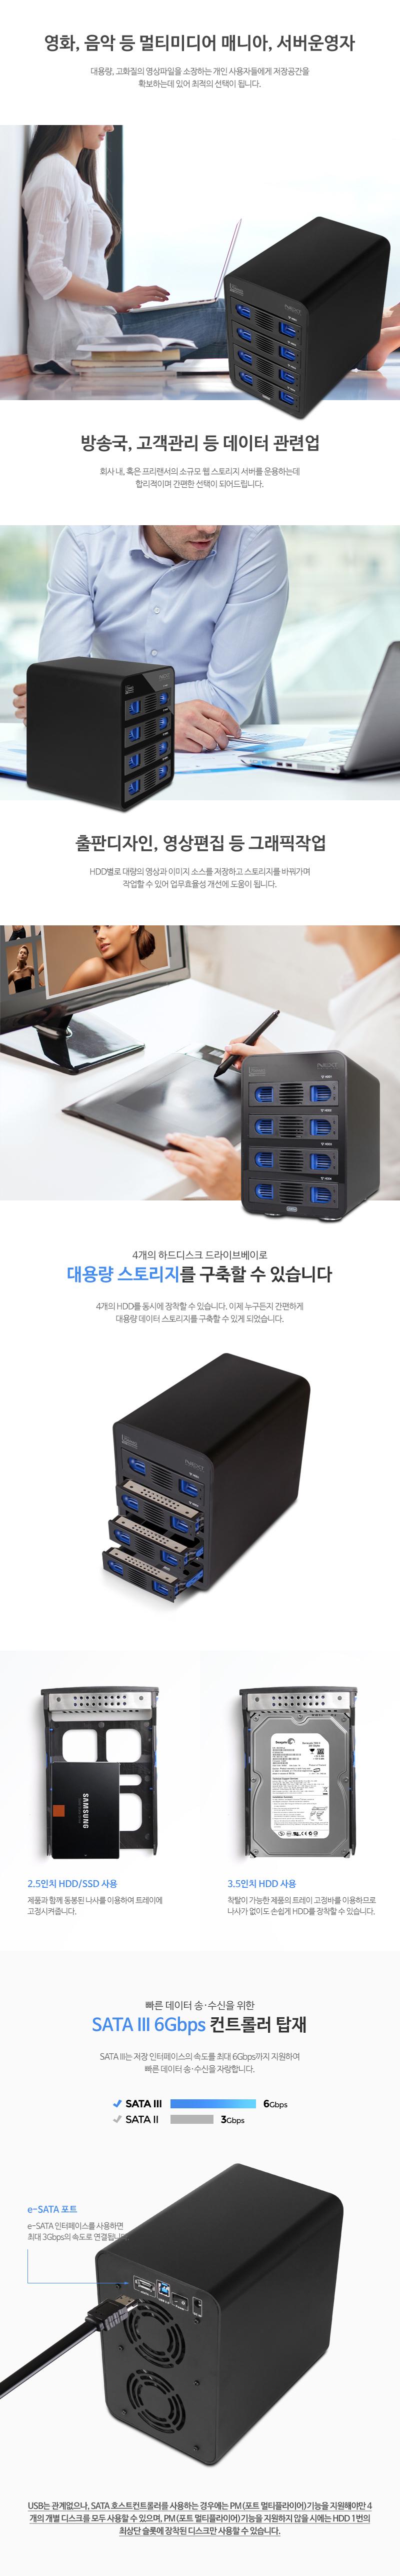 이지넷유비쿼터스 넥스트 NEXT-706M6G (48TB)